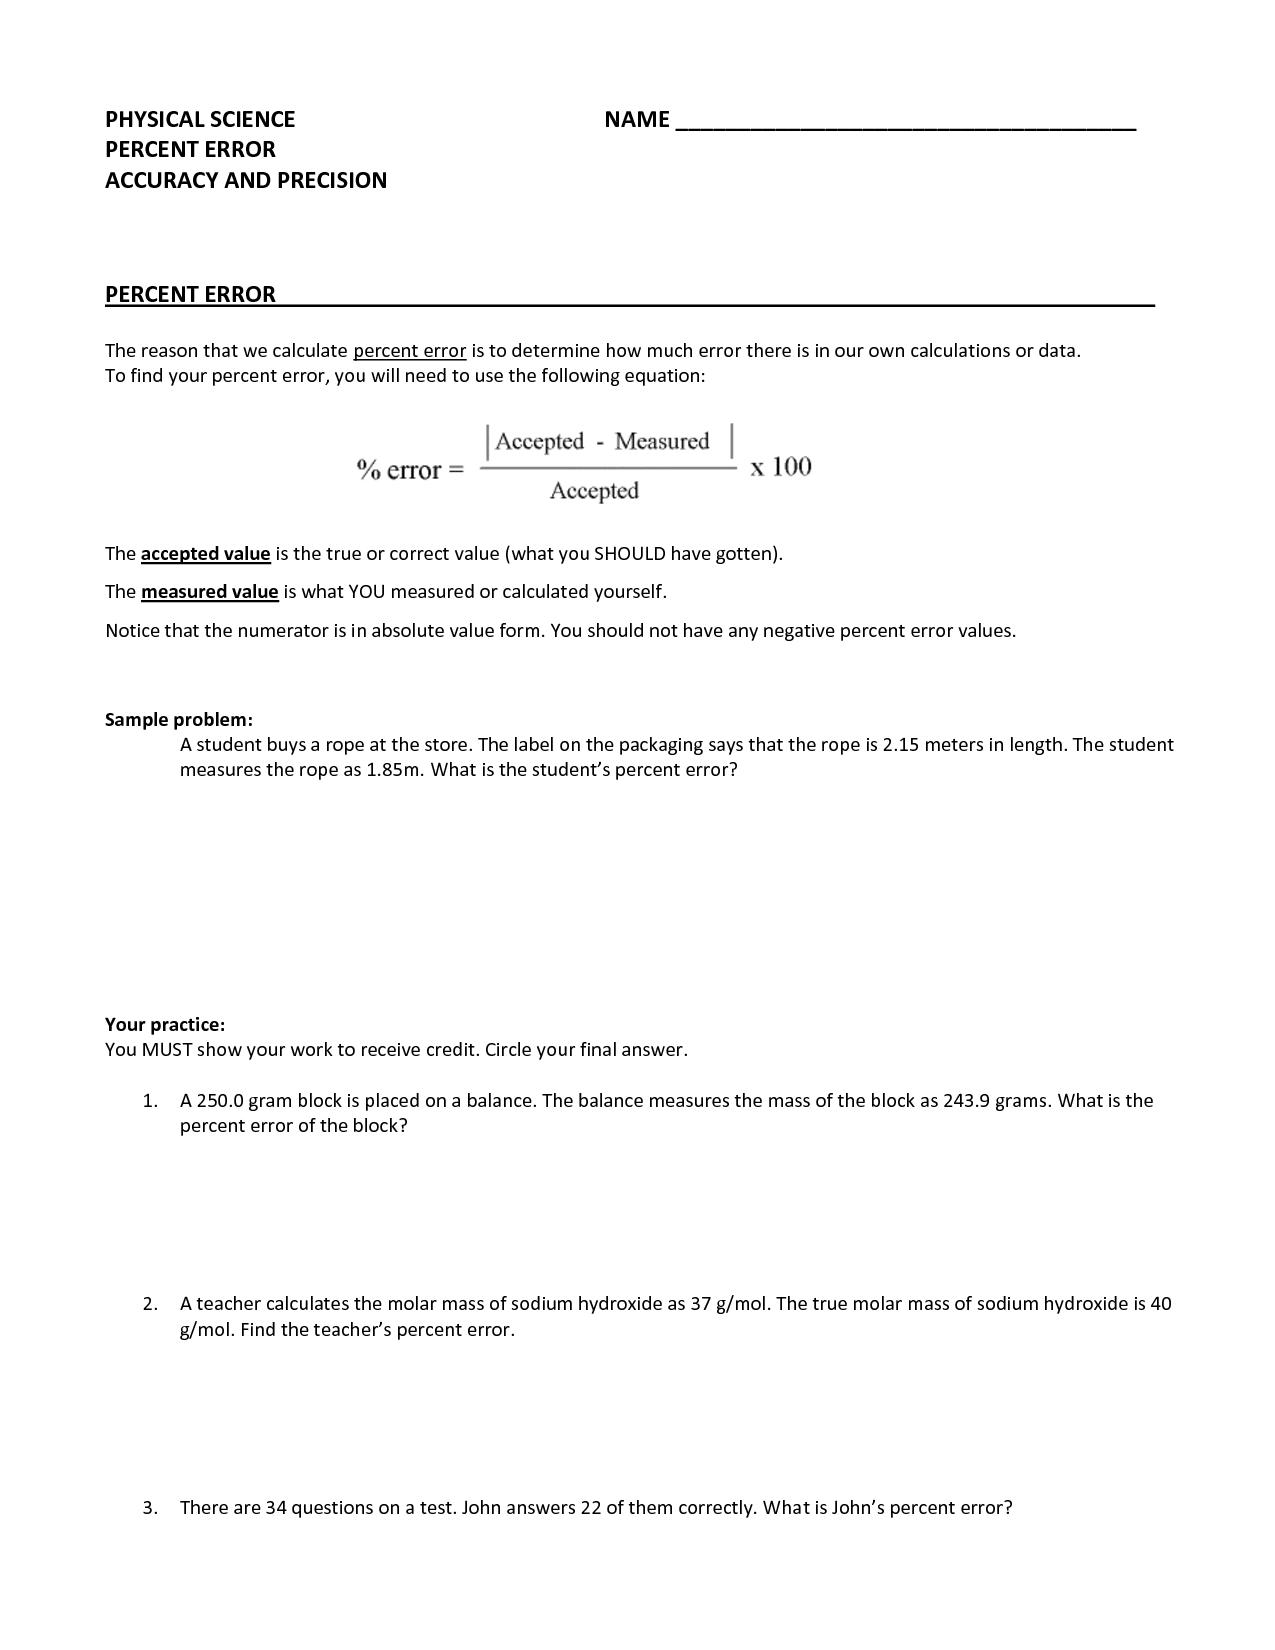 Percent Error Worksheet Photos